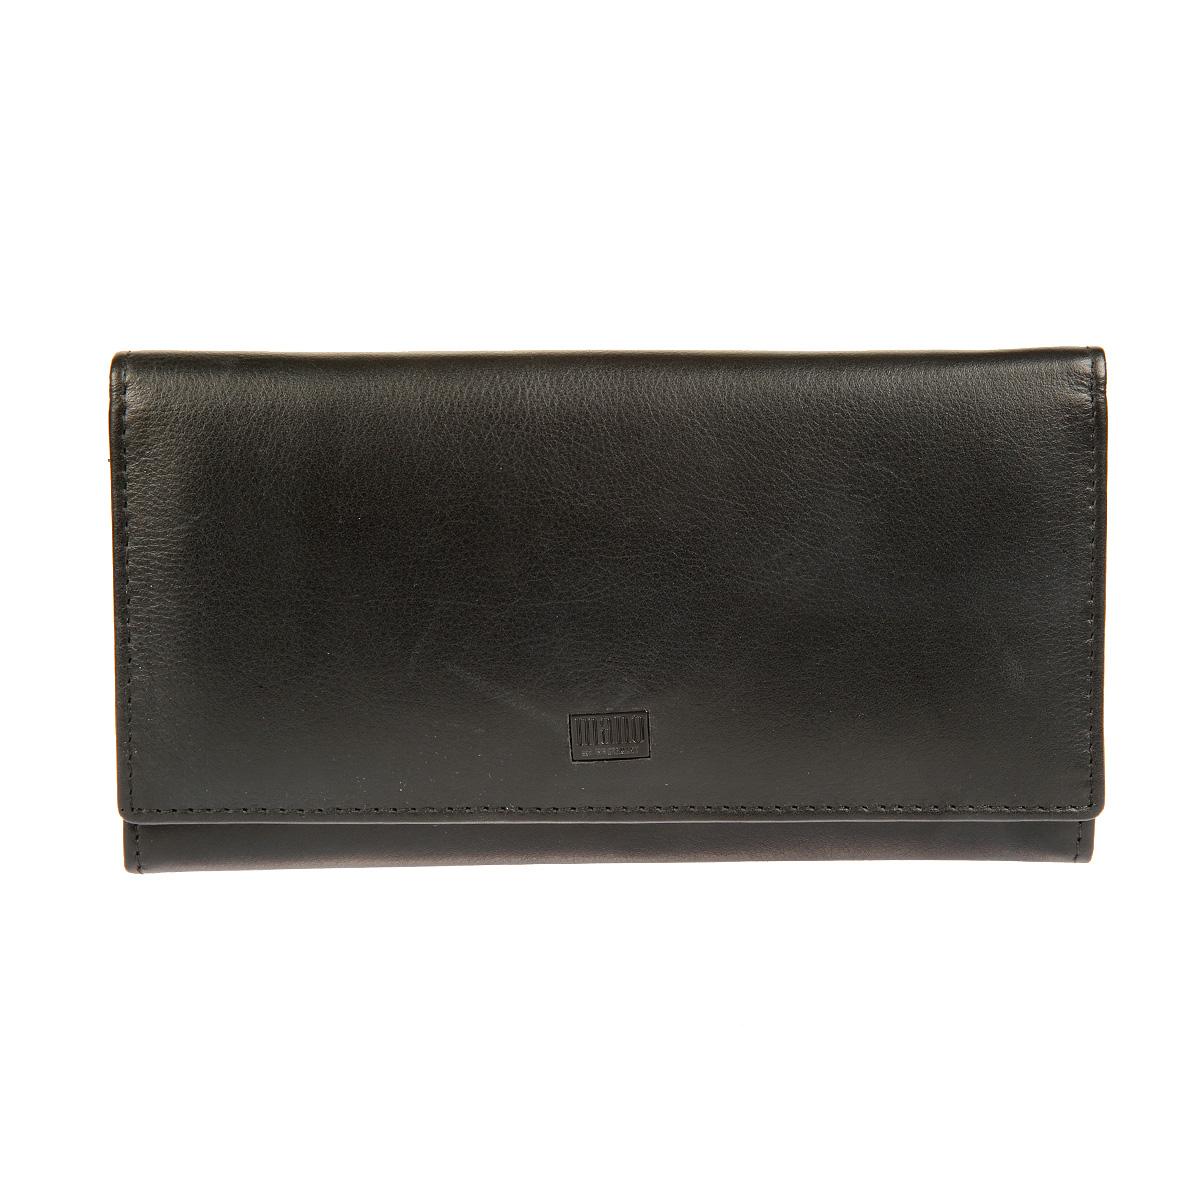 Портмоне мужское Mano, цвет: черный. 1911119111 tabula blackСтильное мужское портмоне Mano выполнено из натуральной кожи, оформлено не большой пластинкой с логотипом бренда. Модель закрывается клапаном на кнопку. Внутри - одно отделение для купюр, три плоских кармана для мелких бумаг, четыре отделения с сетчатыми вставками и пять отделений для визитных и кредитных карточек. На внешней задней стороне - плоский карман и карман на застежке-молнии. Портмоне упаковано в фирменную картонную коробку.